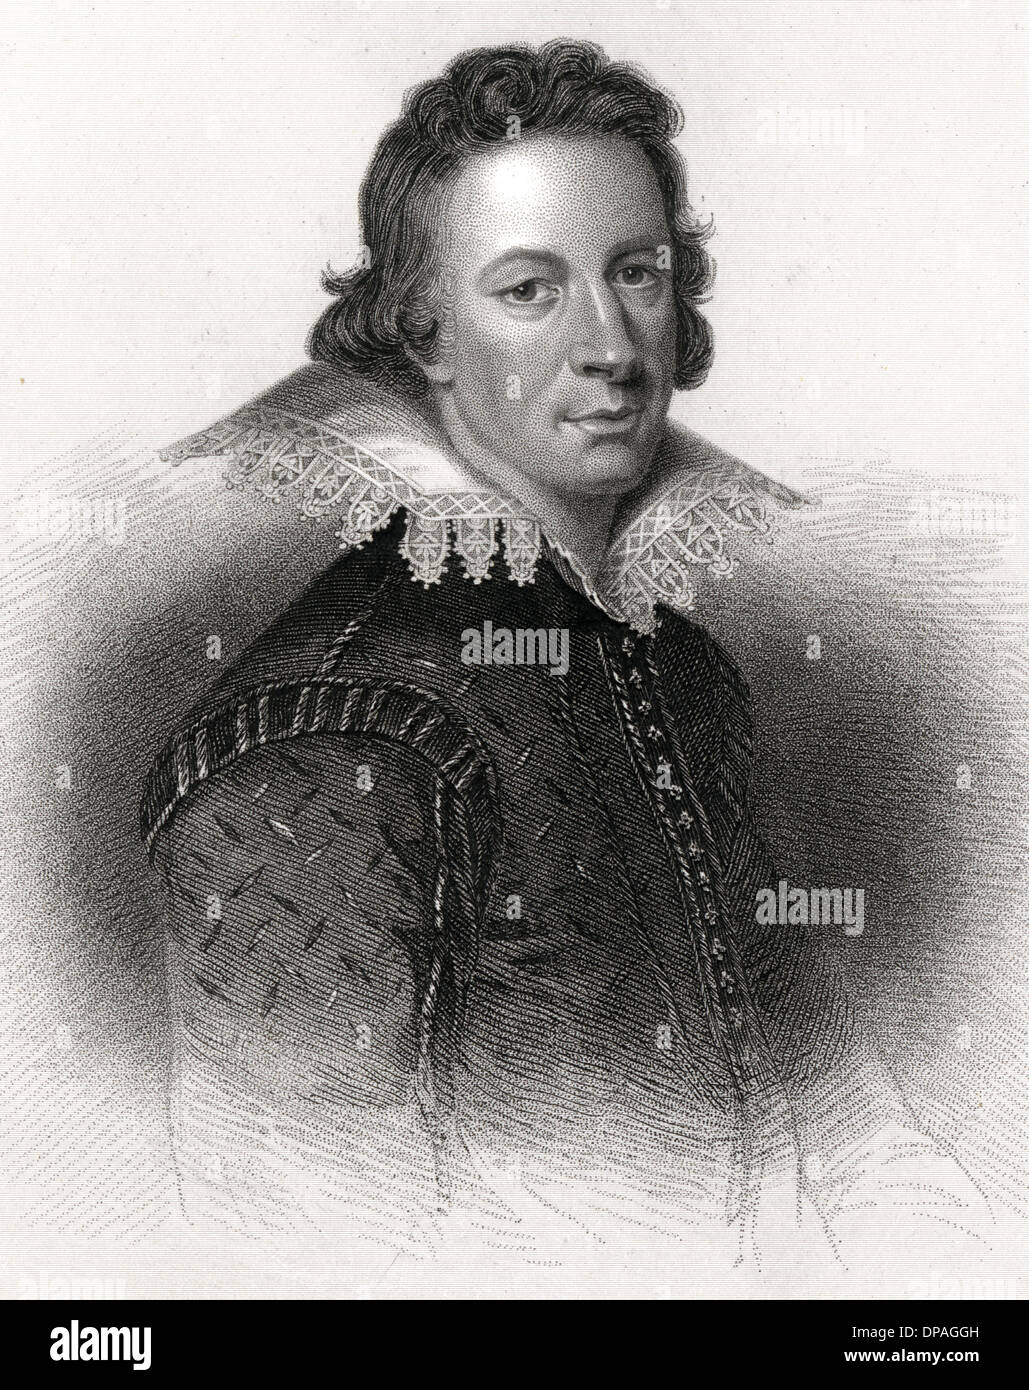 William Drummond npg